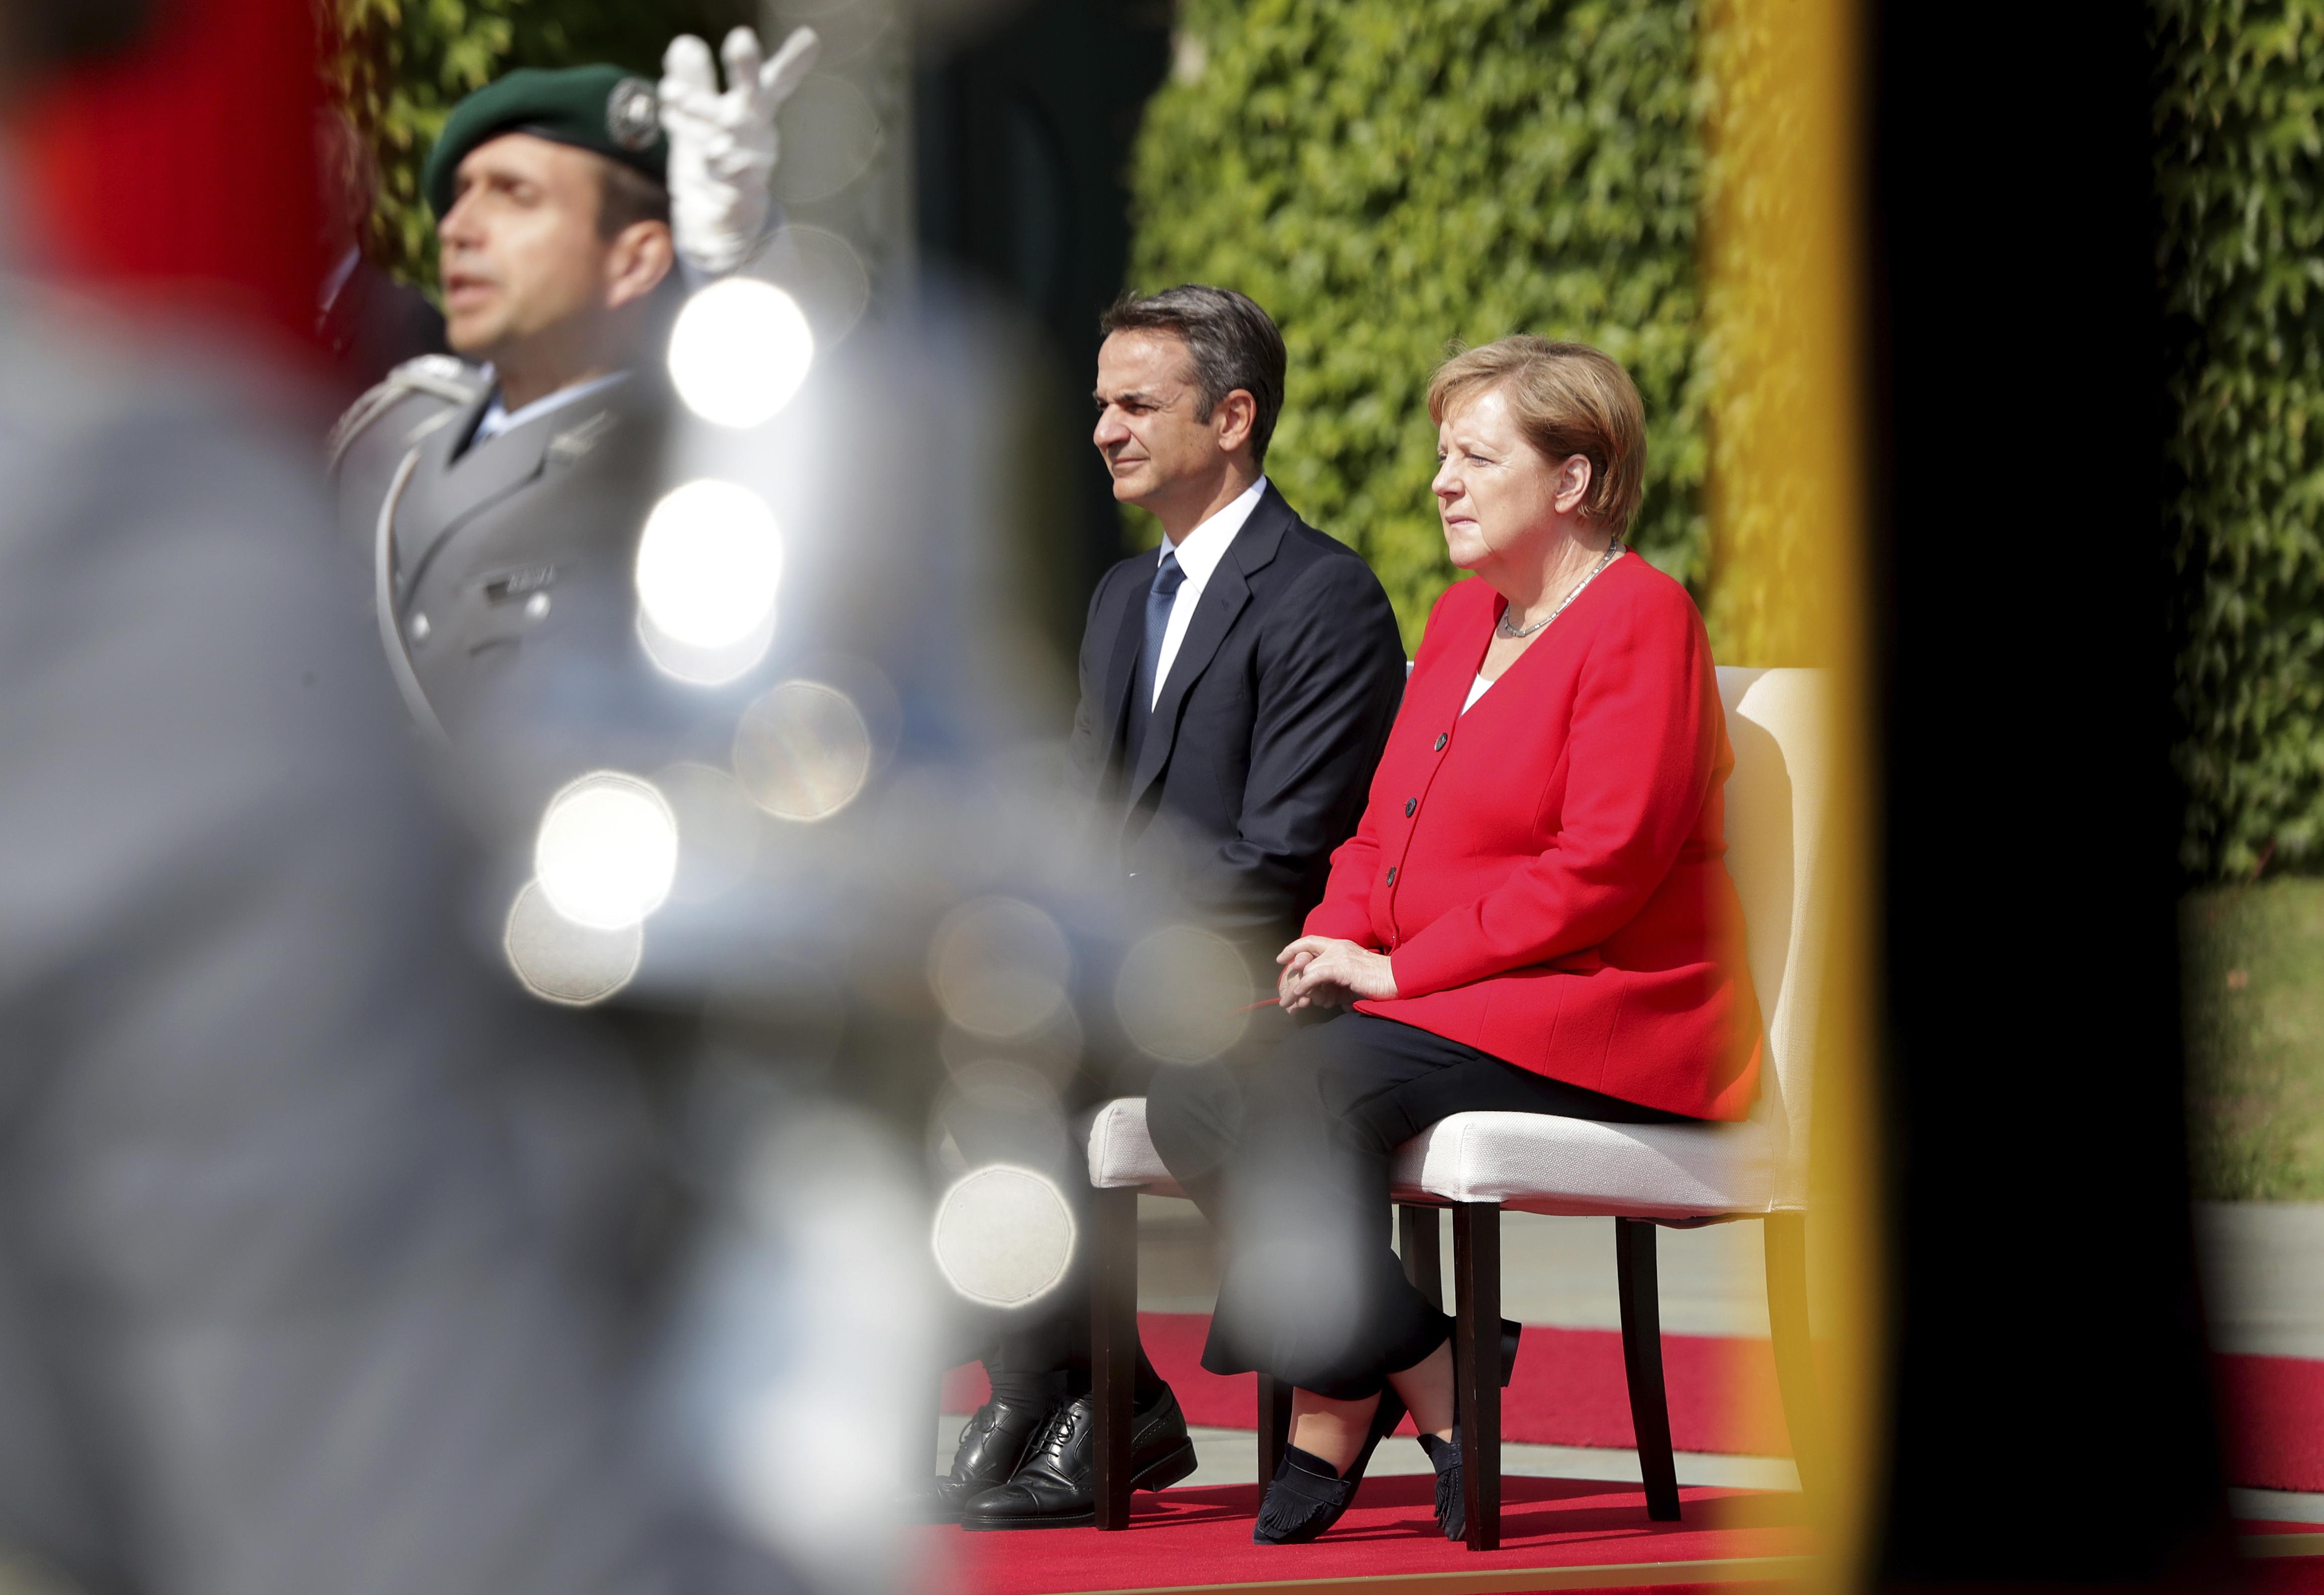 Angela Merkel Nude the warm welcome of mitsotakisangela merkel in 20